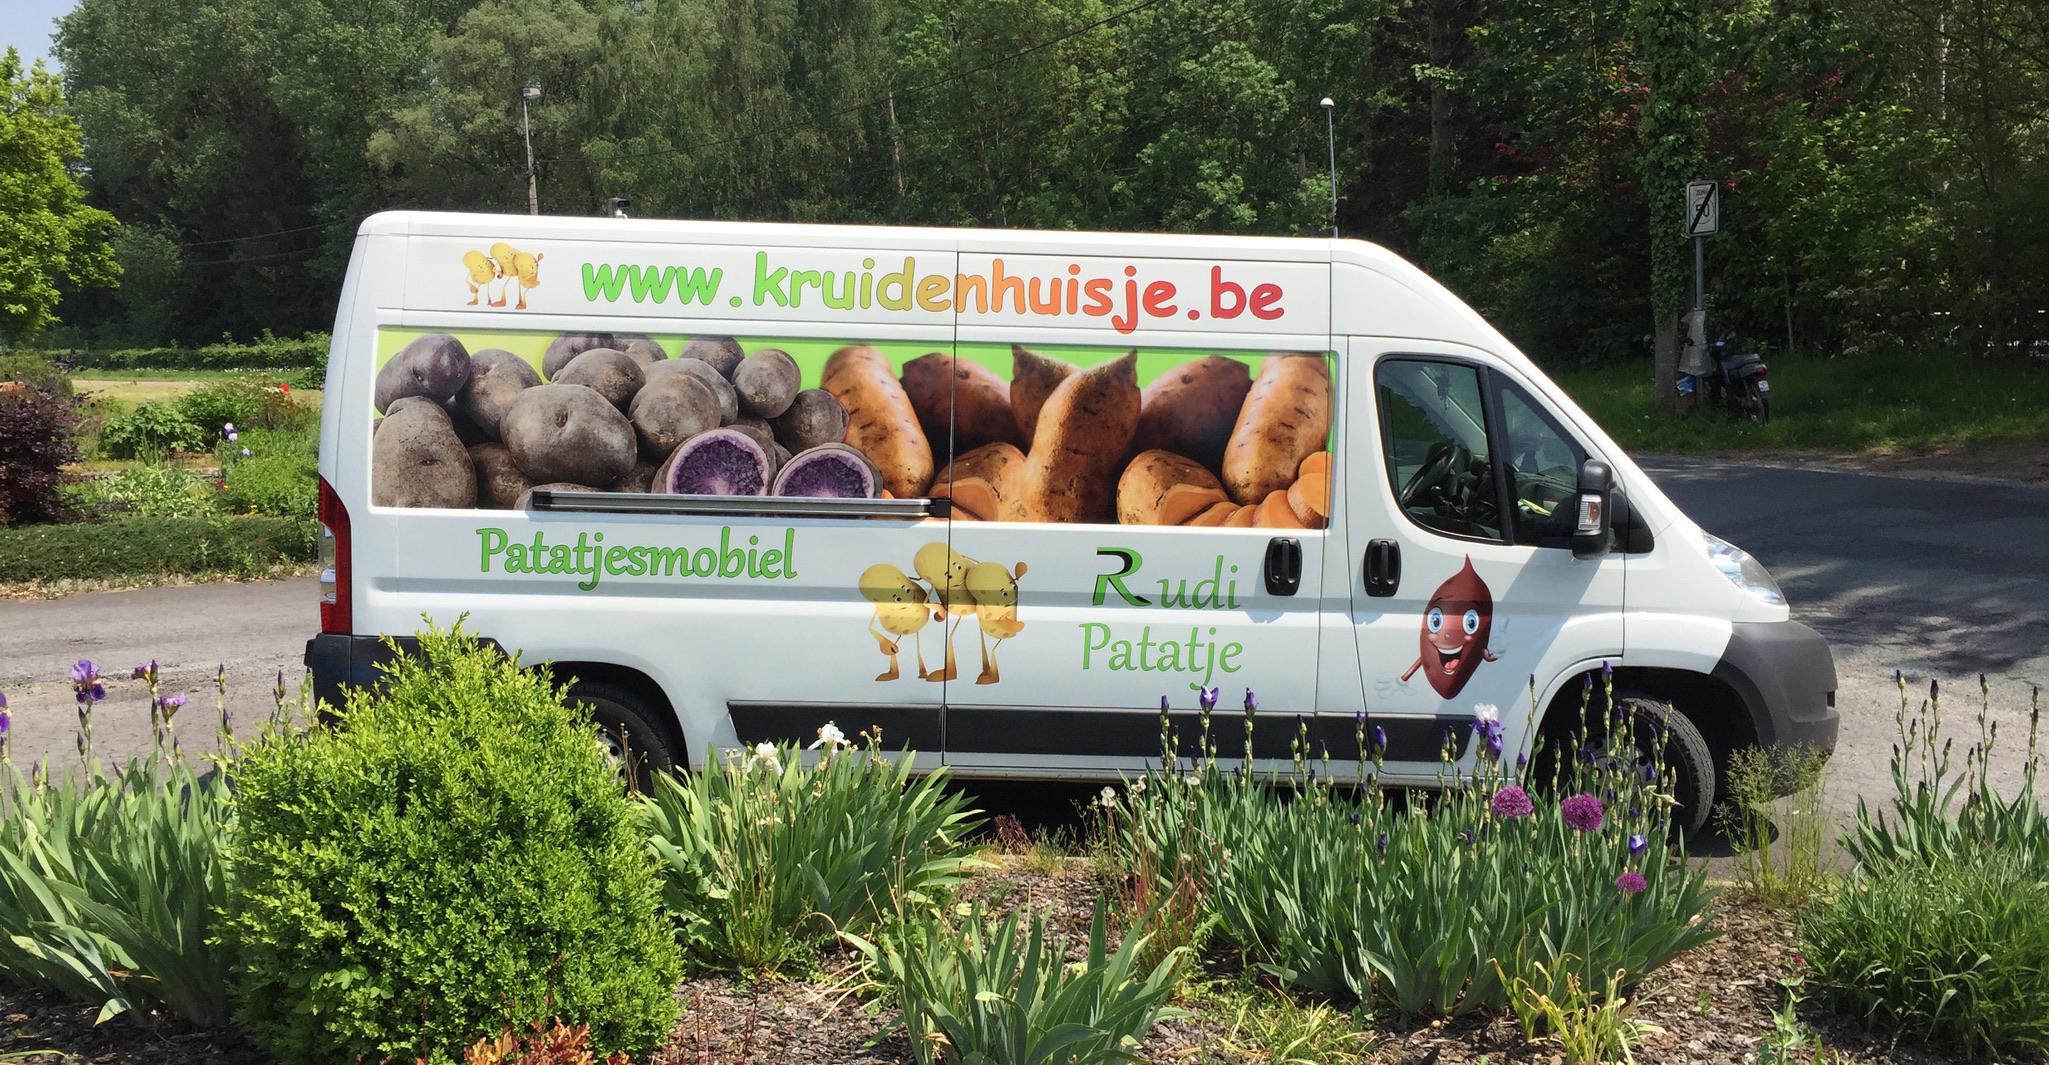 Rudi_patatje_reklame_boekje